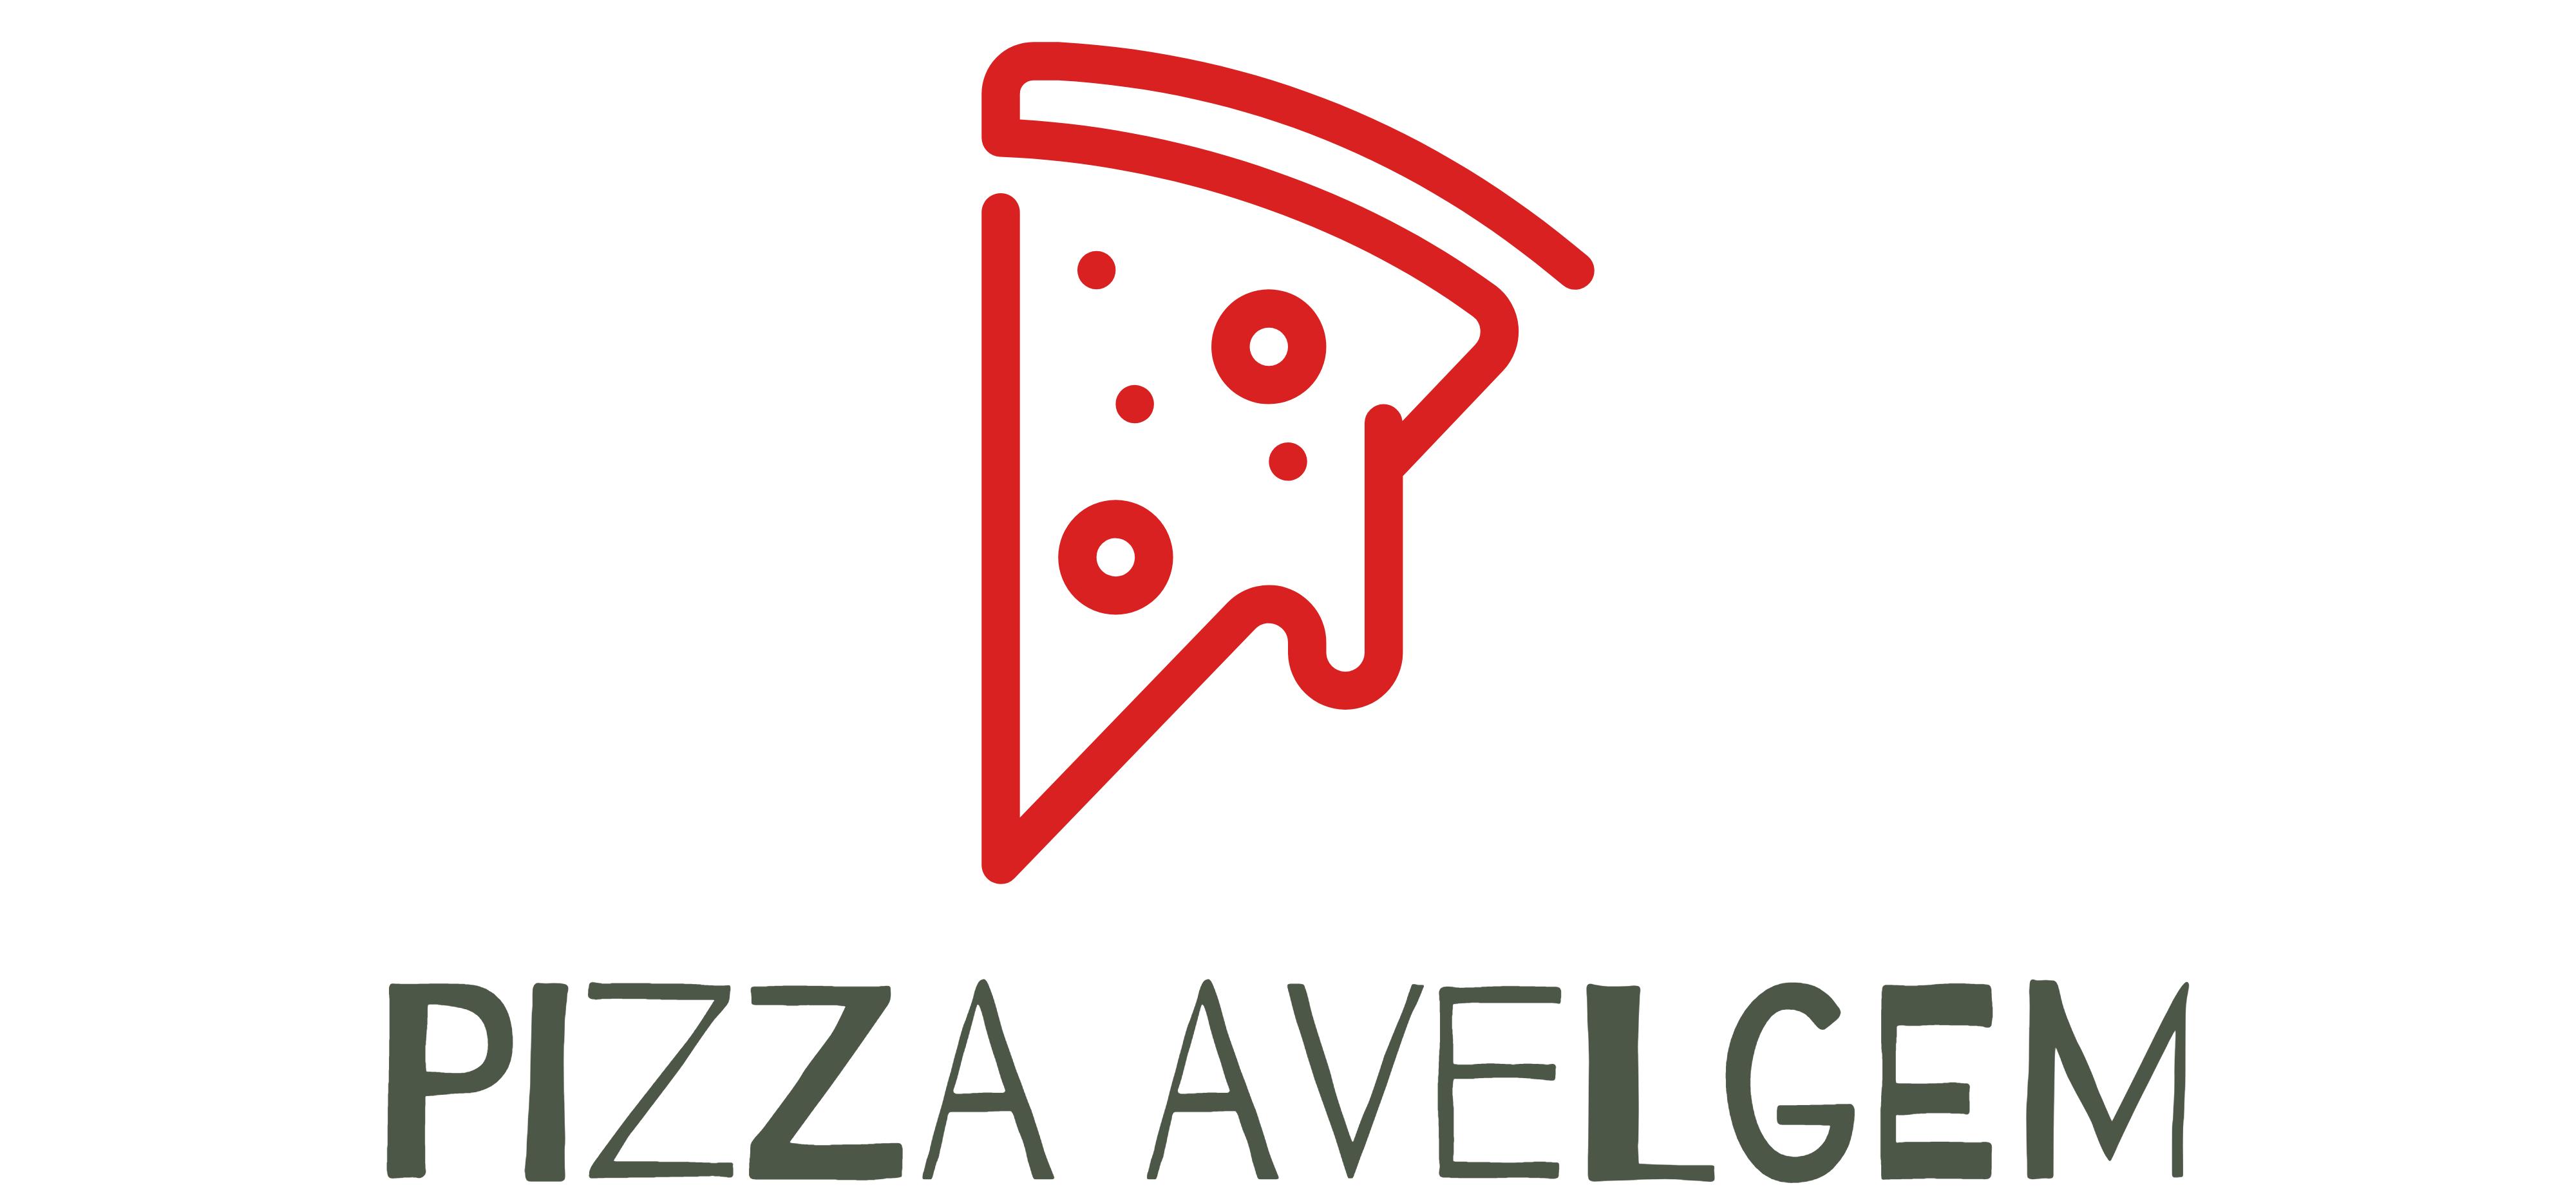 Pizza Avelgem – Italiaanse pizza, Pasta eten bestellen – PizzaAvelgem.be